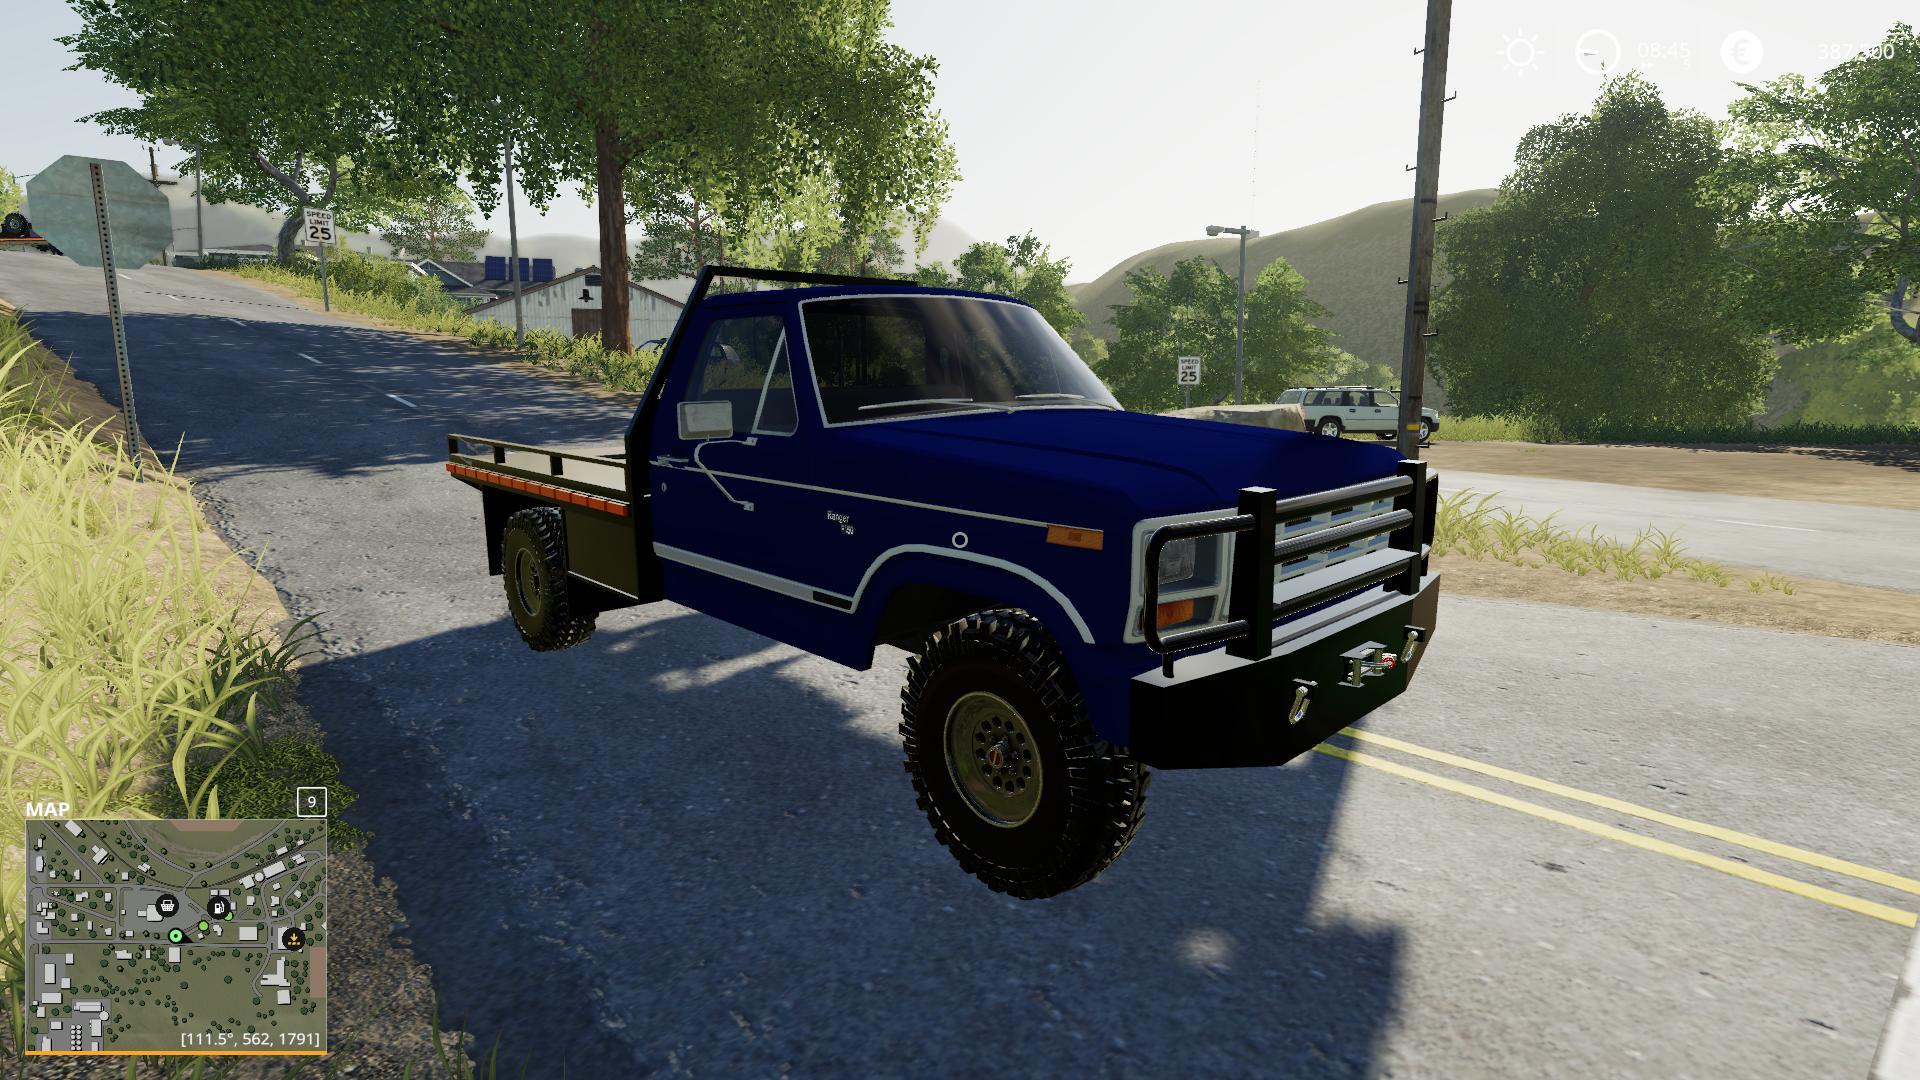 1983 Ford f150 Car v1 0 FS19 - Farming Simulator 19 Mod